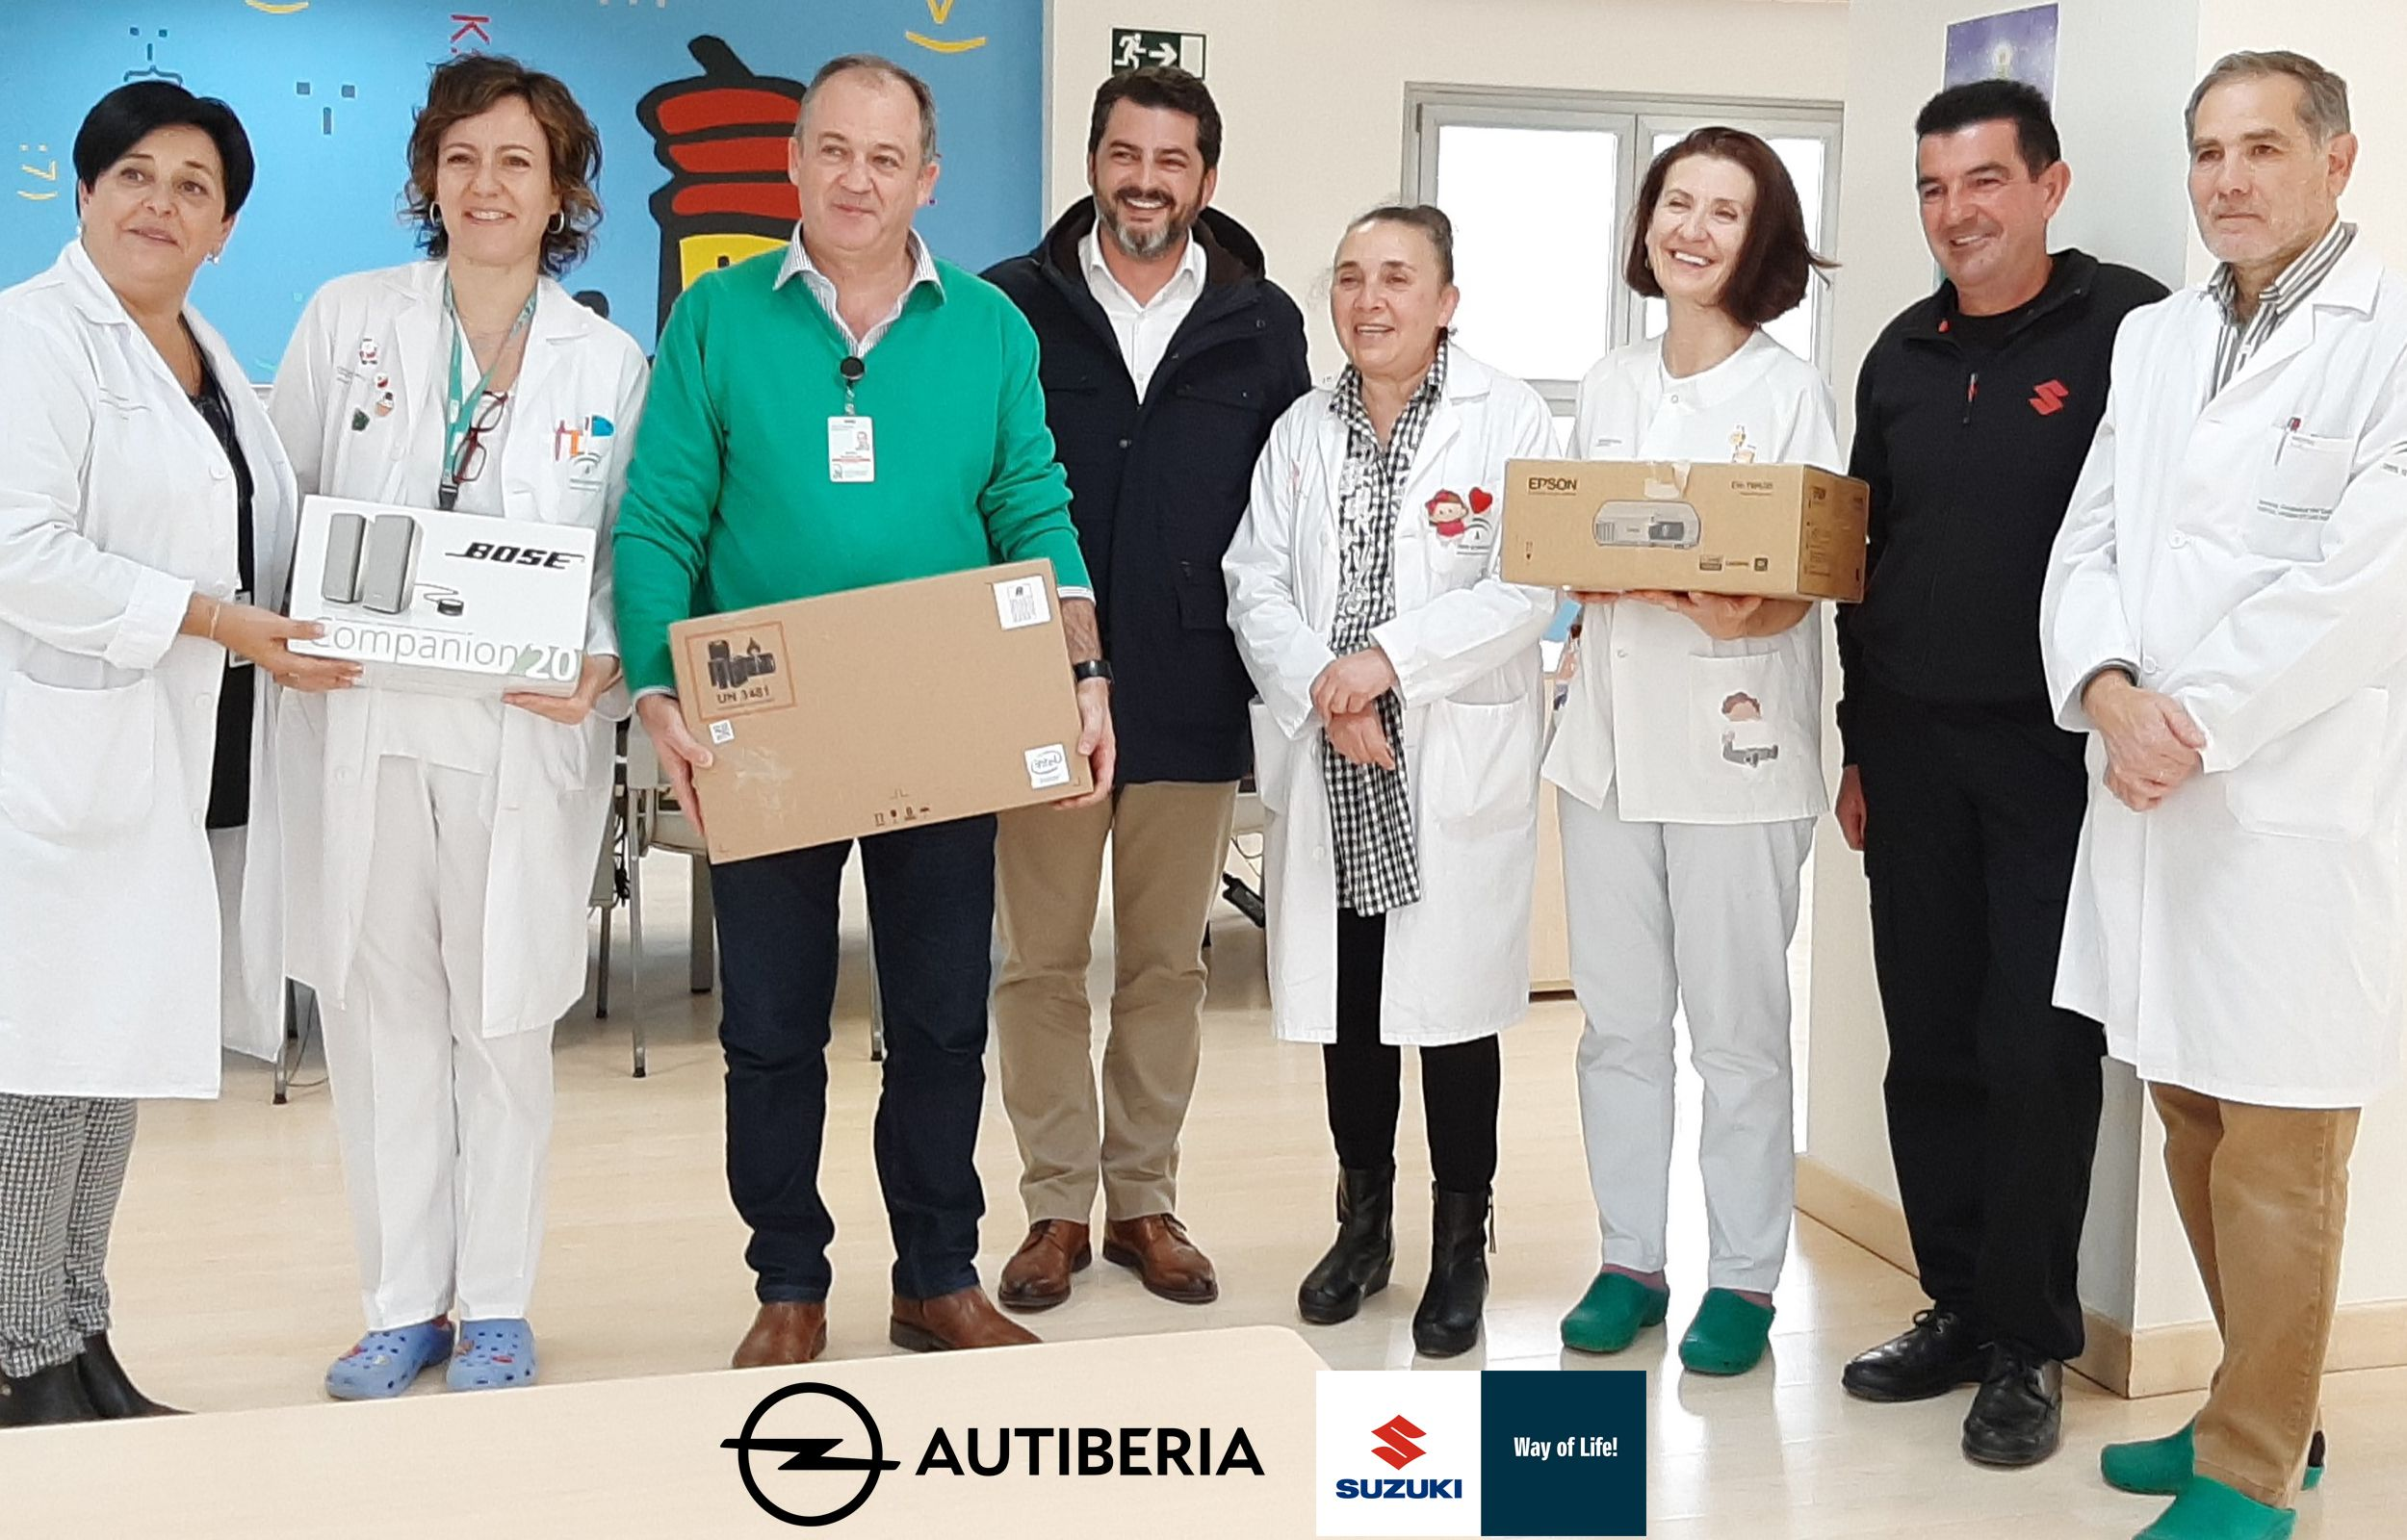 Autiberia dona un premio obtenido por su equipo humano al Aula Pediátrica del Hospital Universitario Virgen de las Nieves.